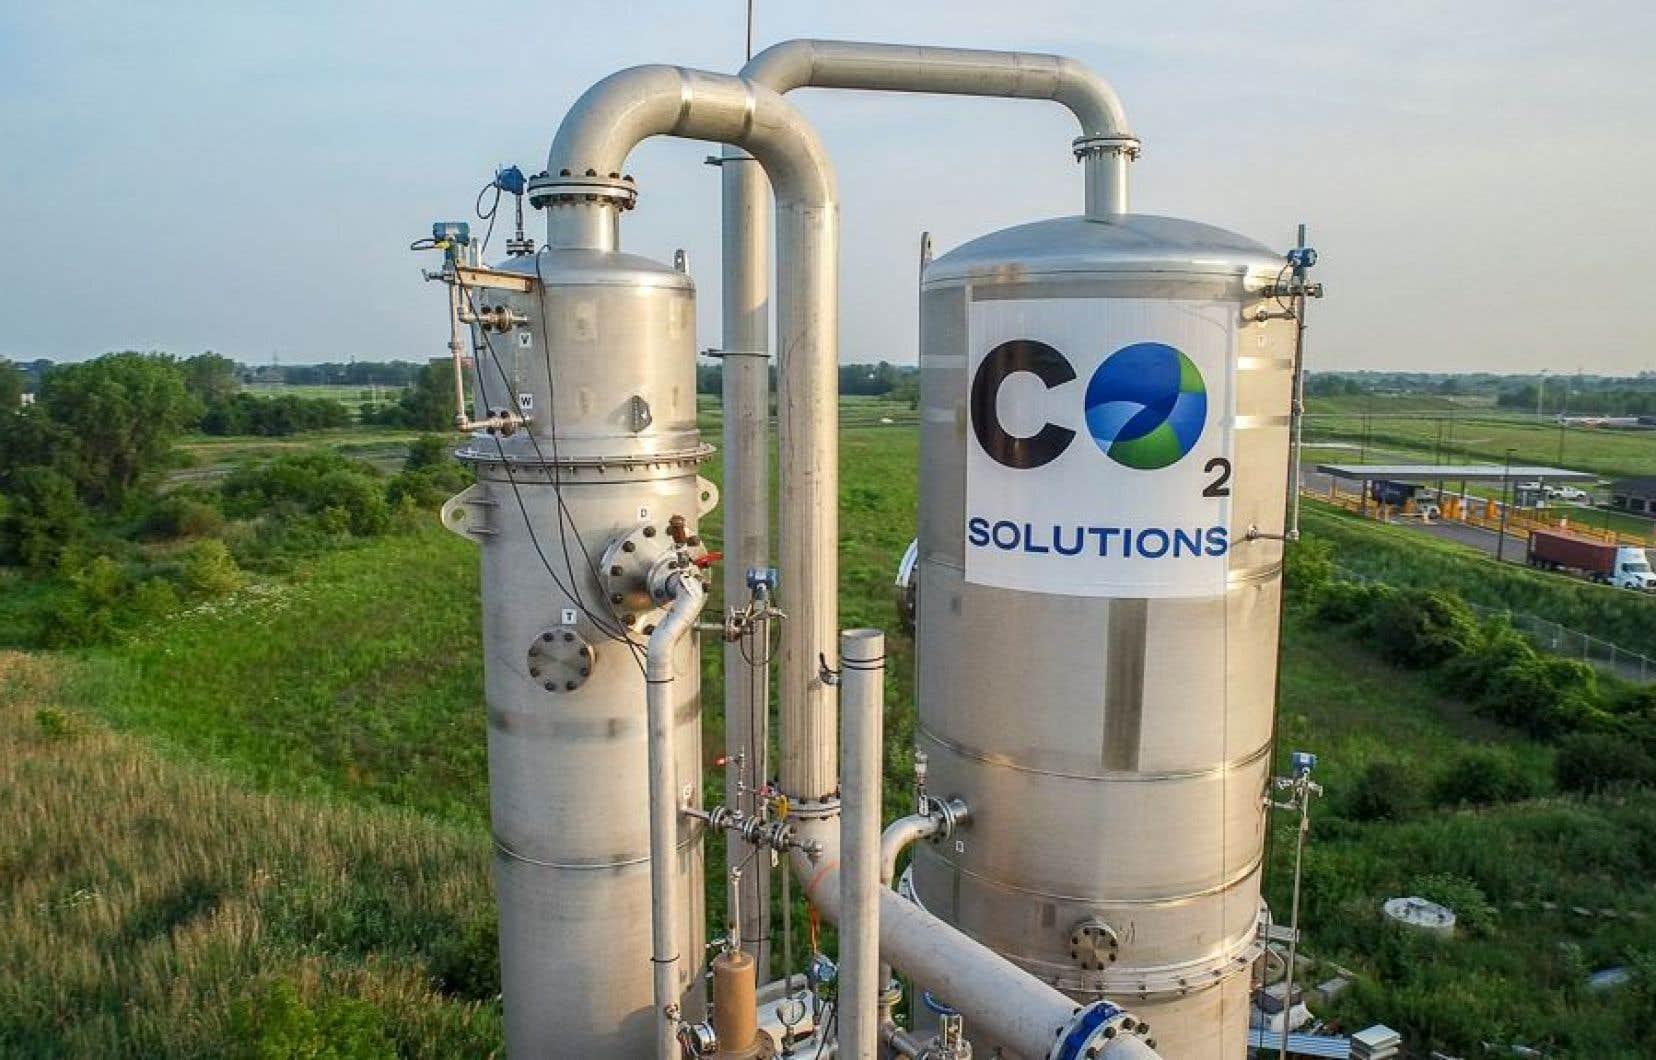 Les actifs de CO2 Solutions ont été vendus à deux sociétés, soit l'italienne Saipem et la canadienne Parachem.